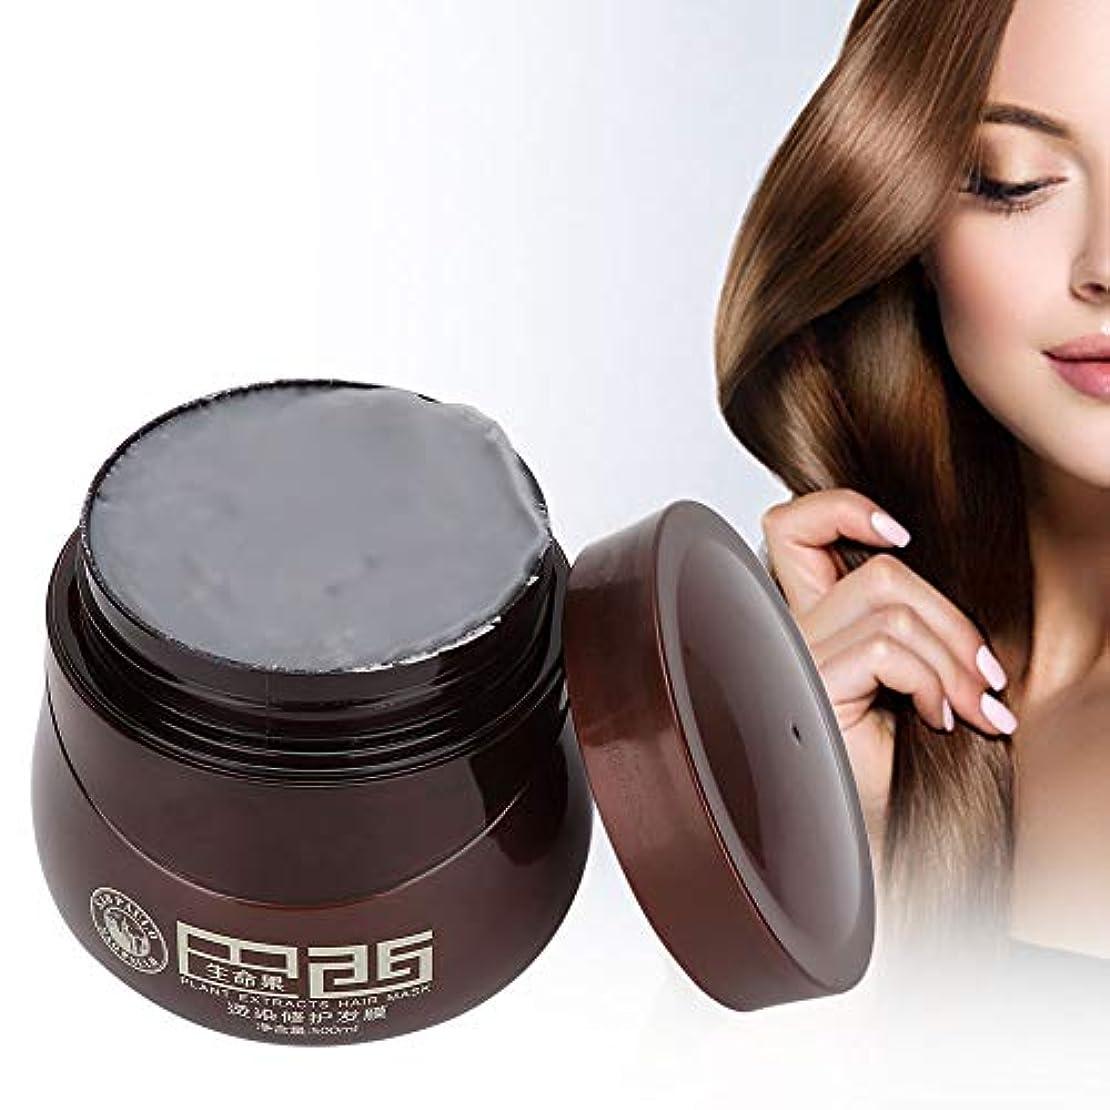 石感度カテゴリーヘアマスク、染毛剤ダメージヘアナリッシングリペアマスクトリートメントコンディショナープロのヘアサロンや家庭での使用に最適500ml